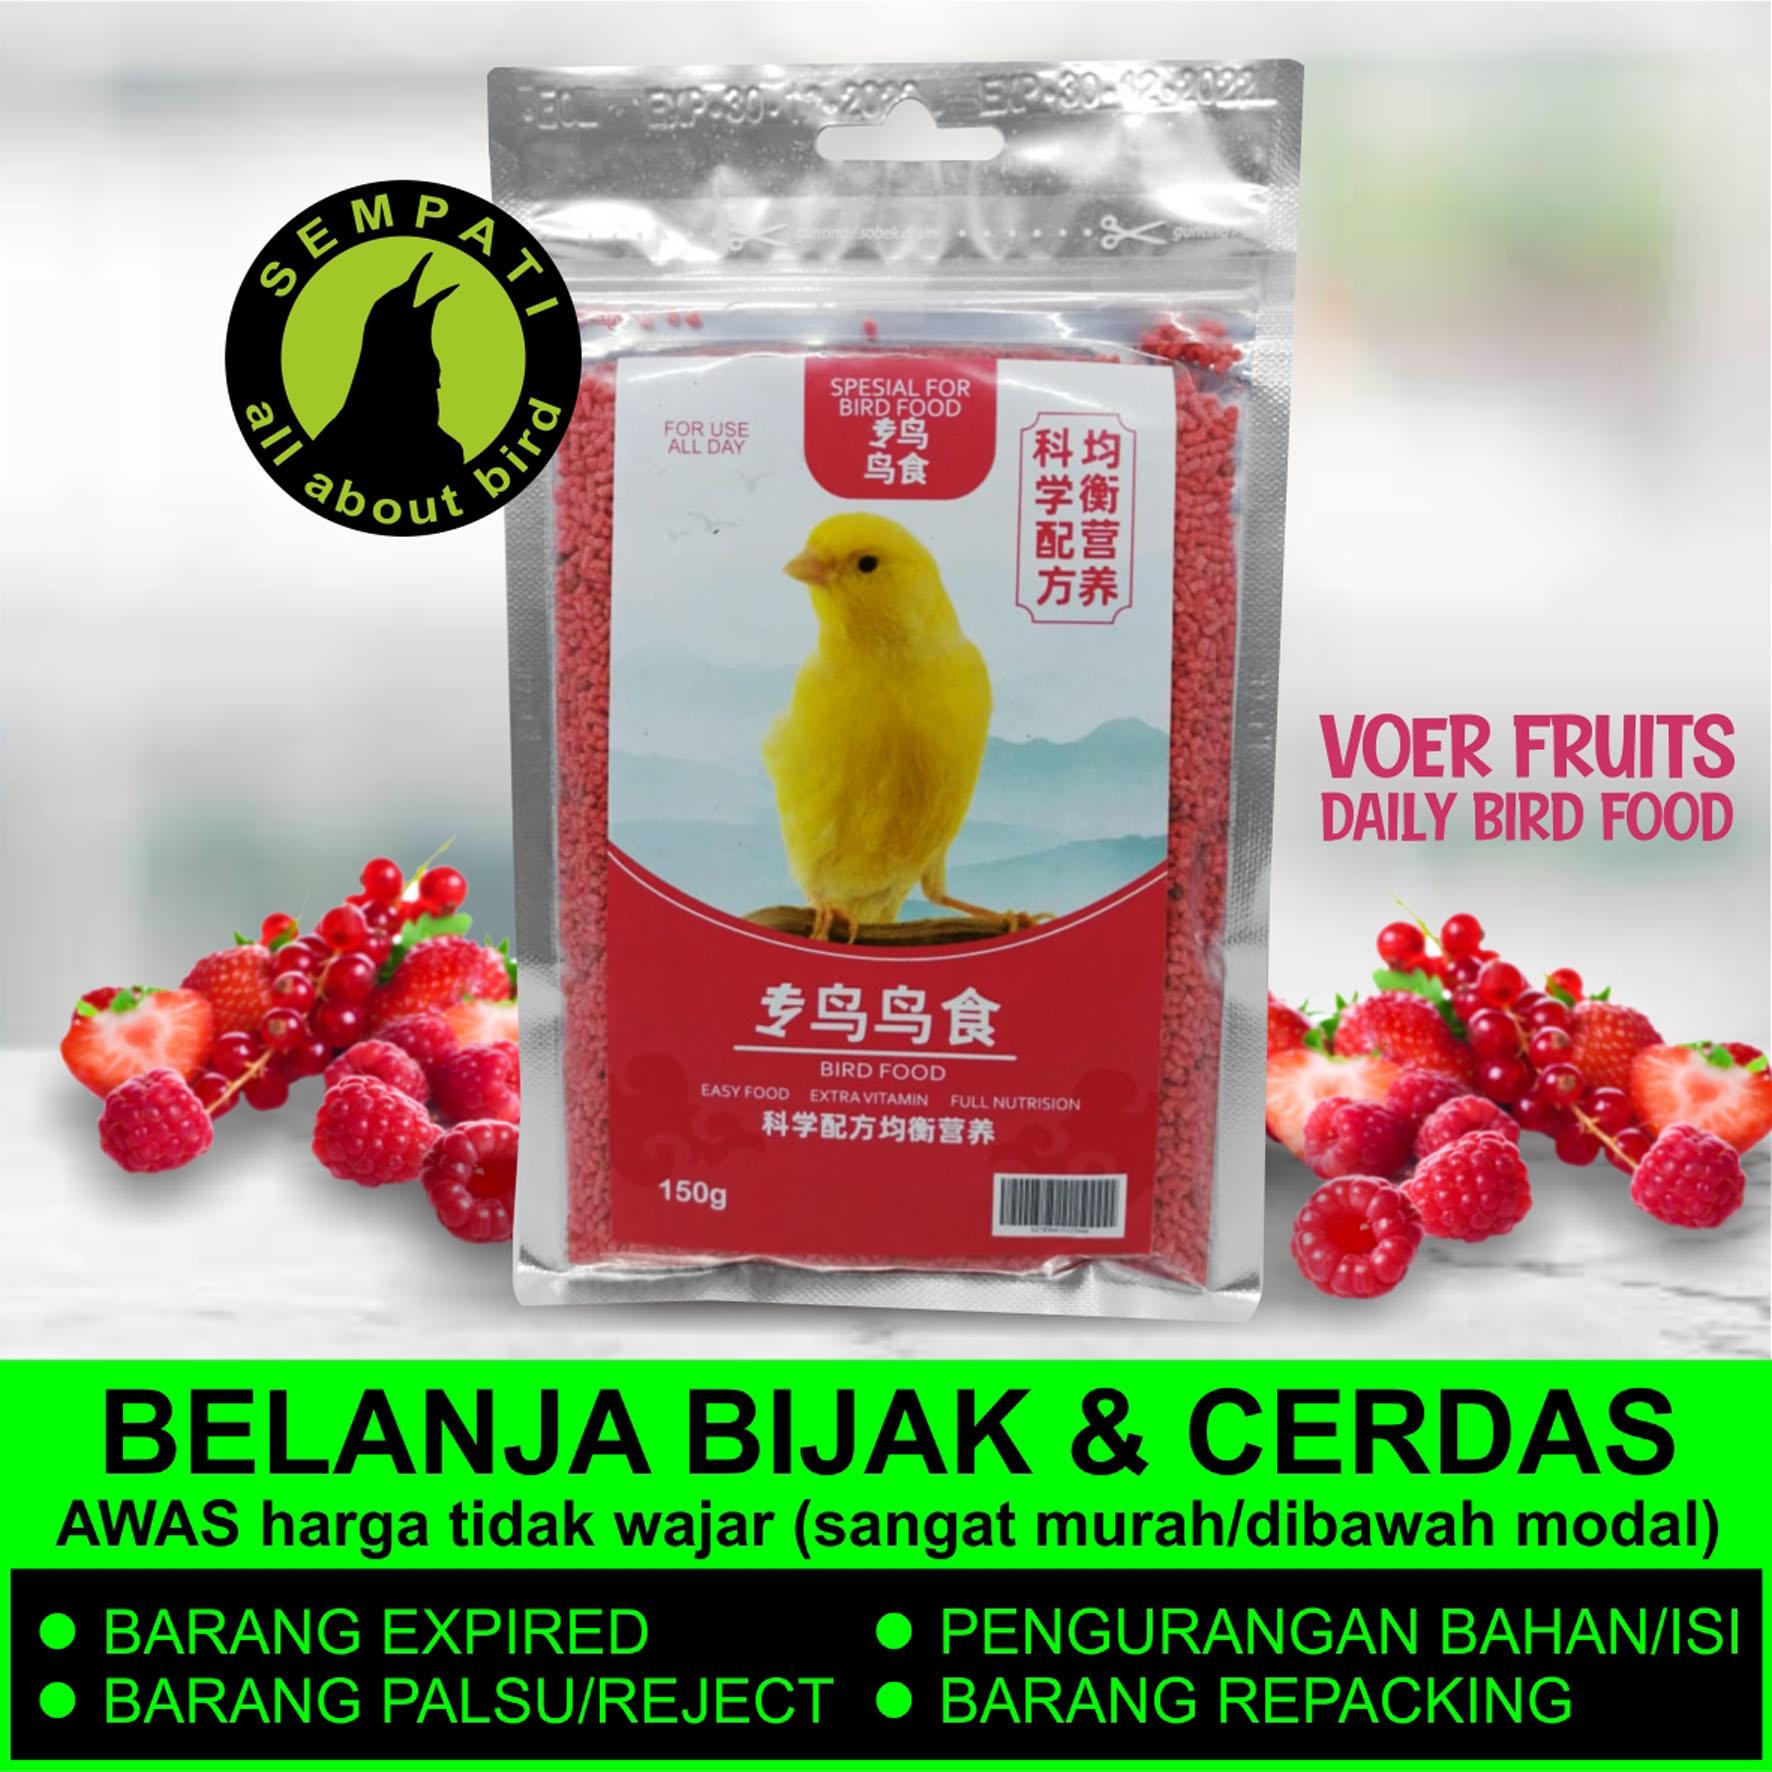 Cede Red Food Probird Import Pakan Kenari Makanan Burung Finch Pleci Gelatik Voer Pur Pelet Pellet Merah Redpro Sempati Bird Shop